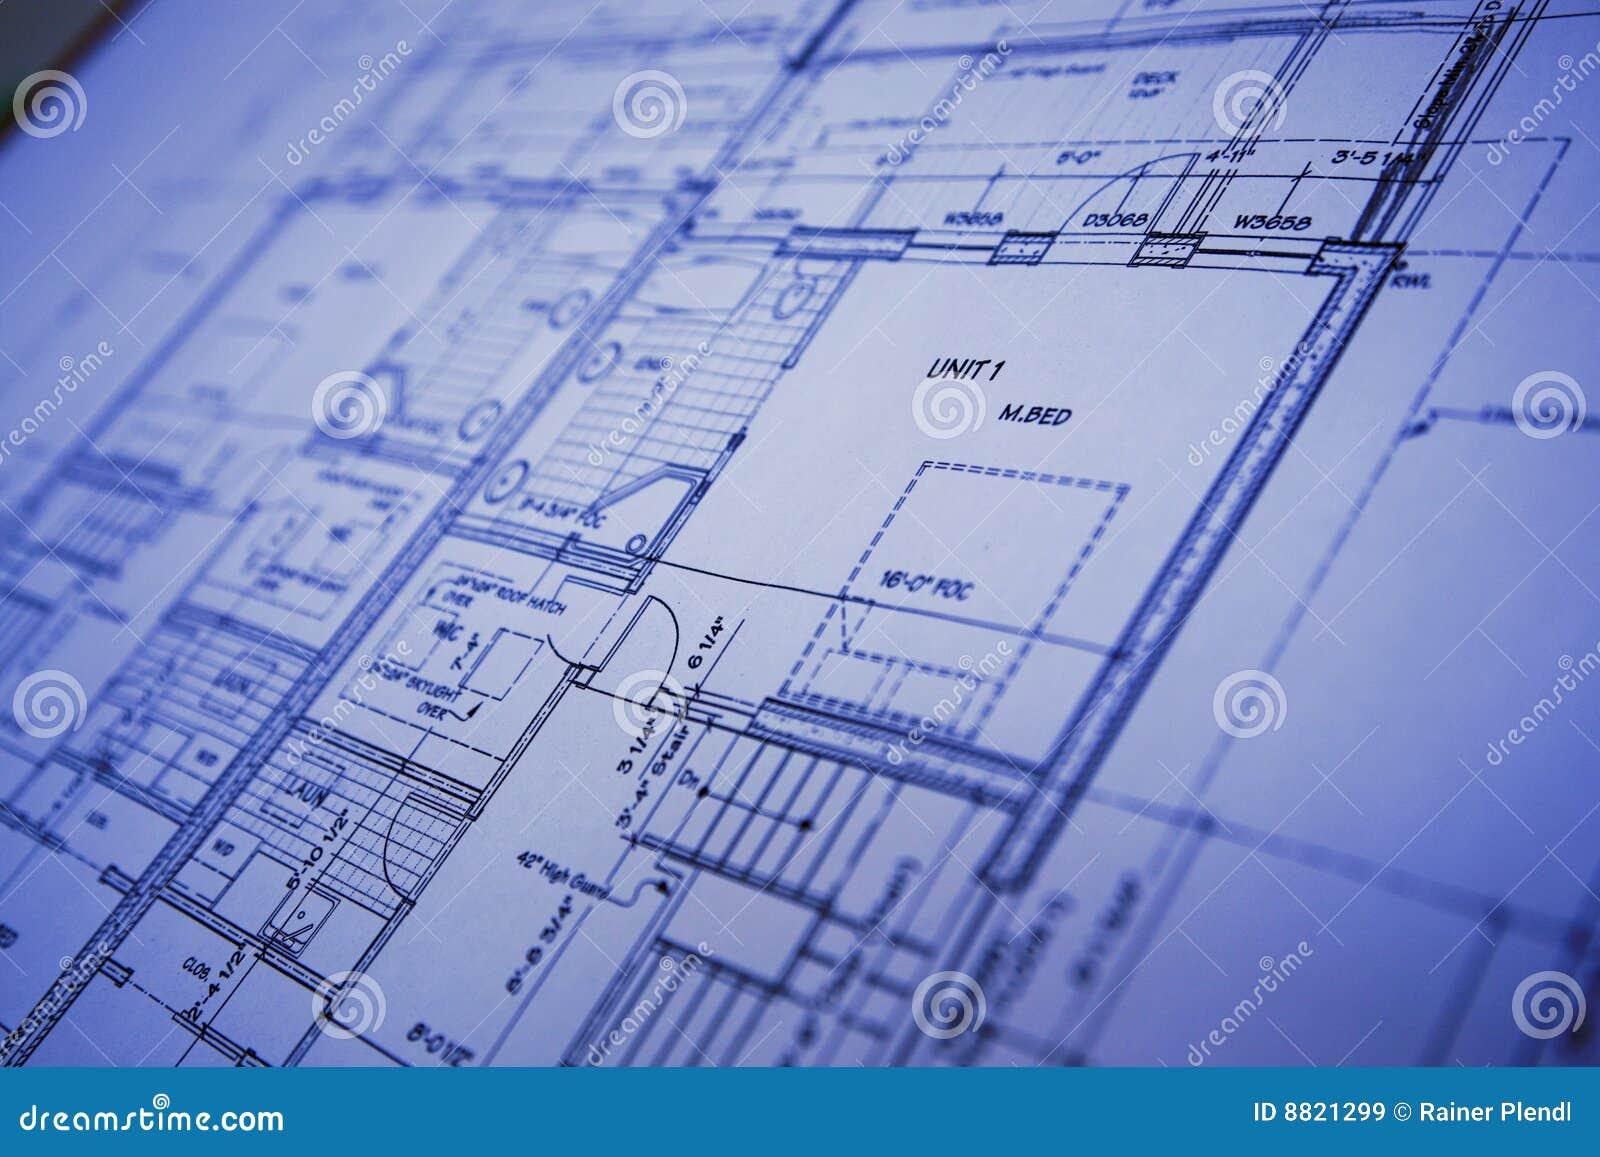 Blaupause stockbild. Bild von auslegung, architektur, plan - 8821299